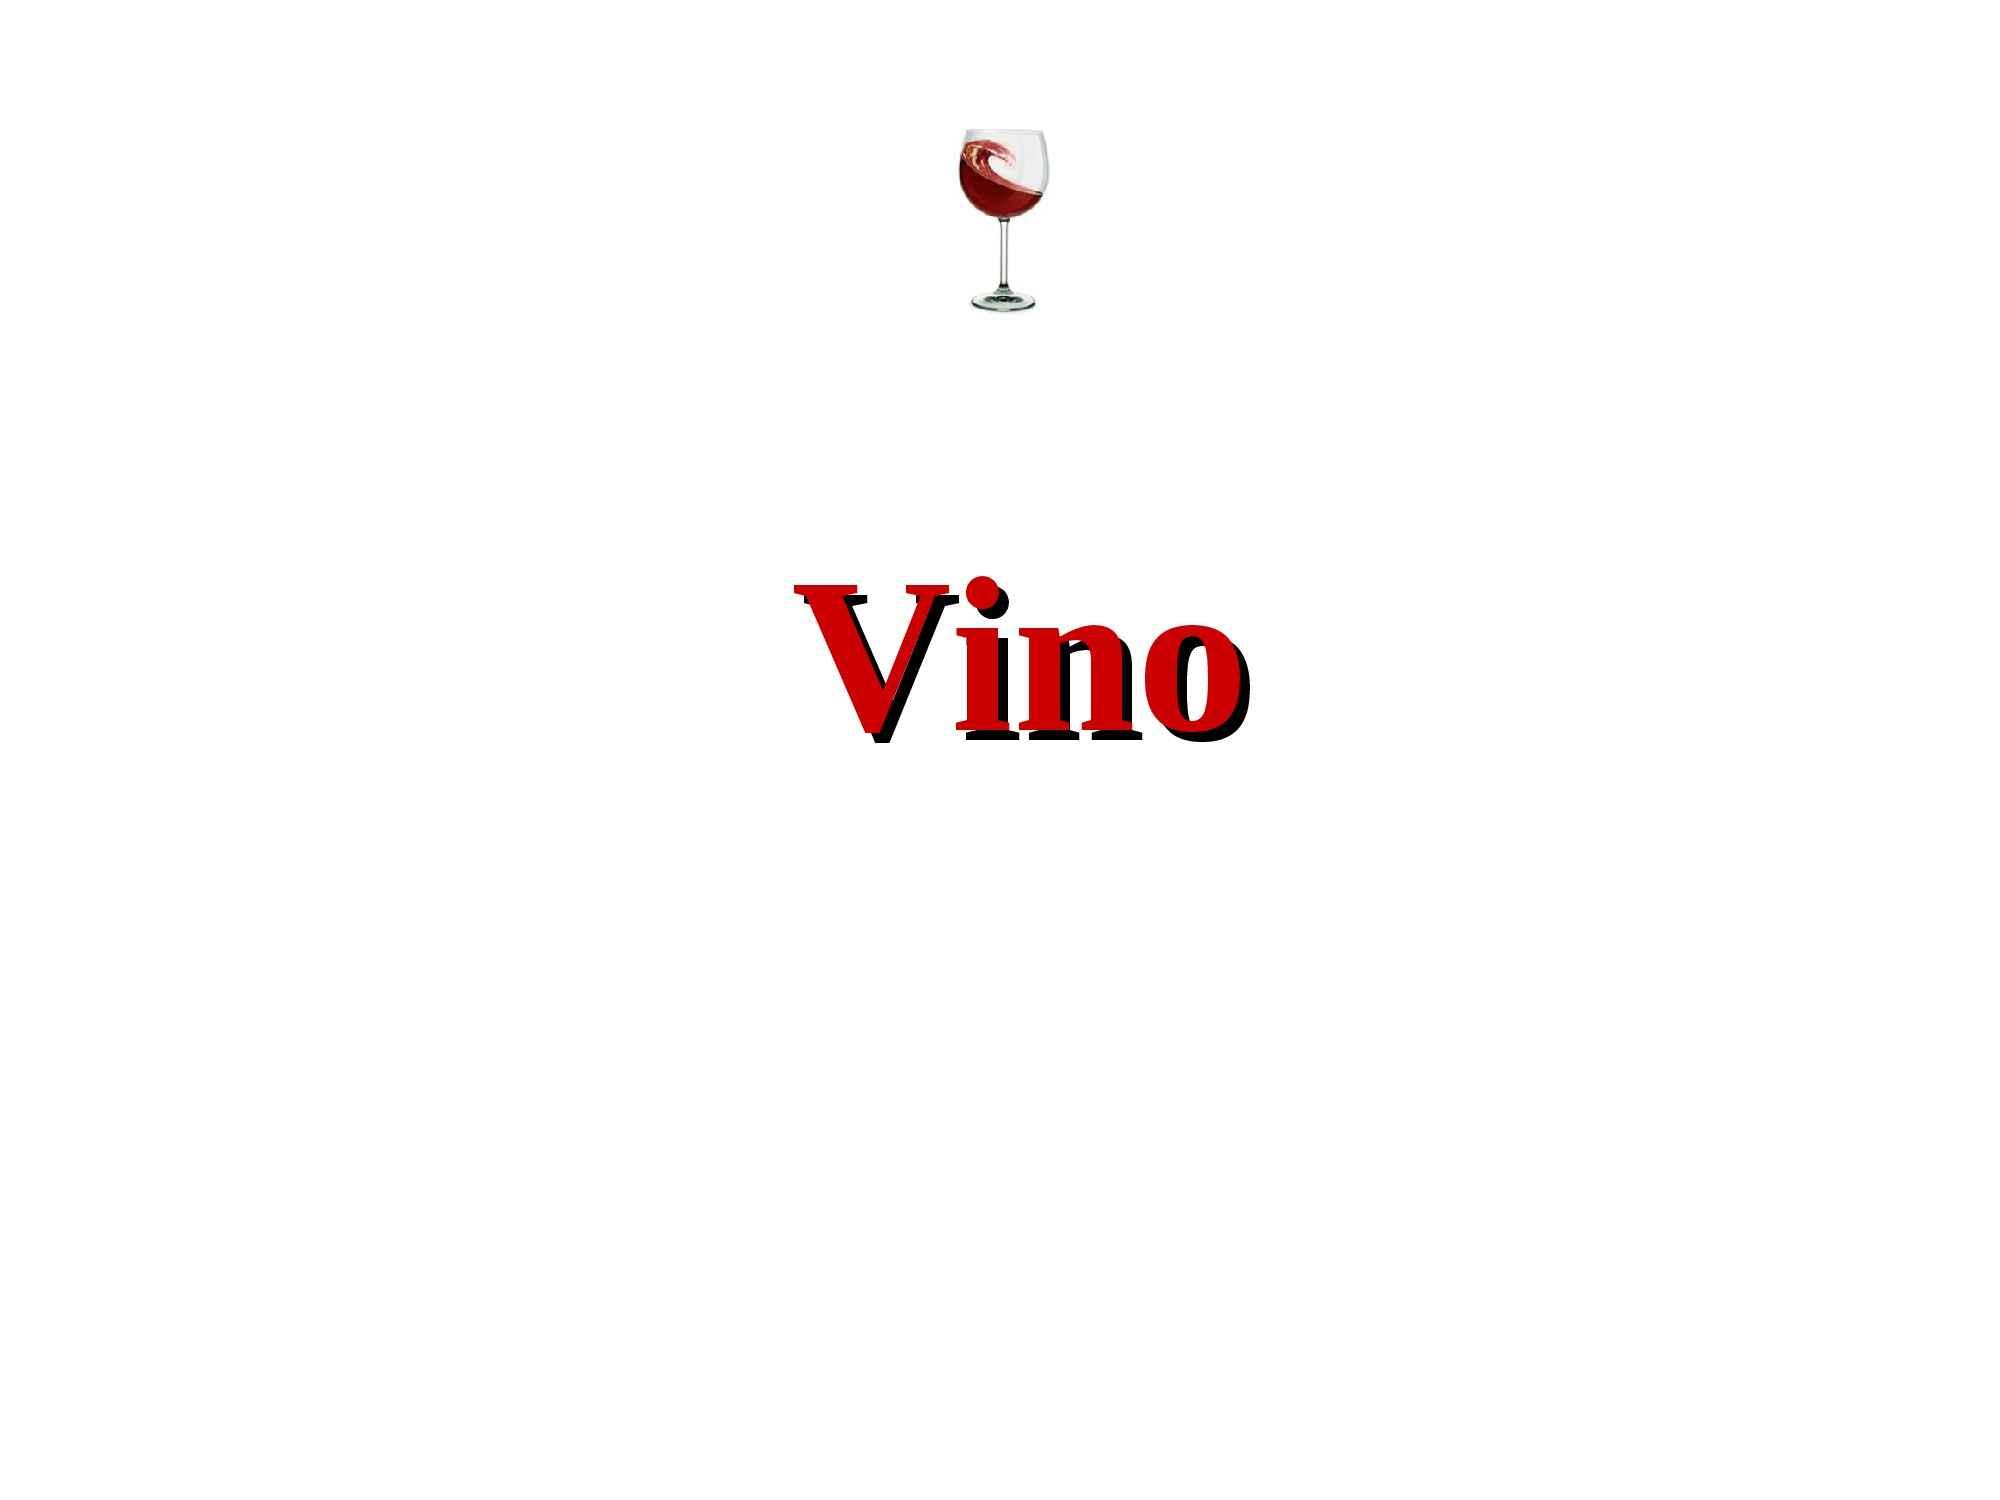 Vino - Fermentazione e composizione